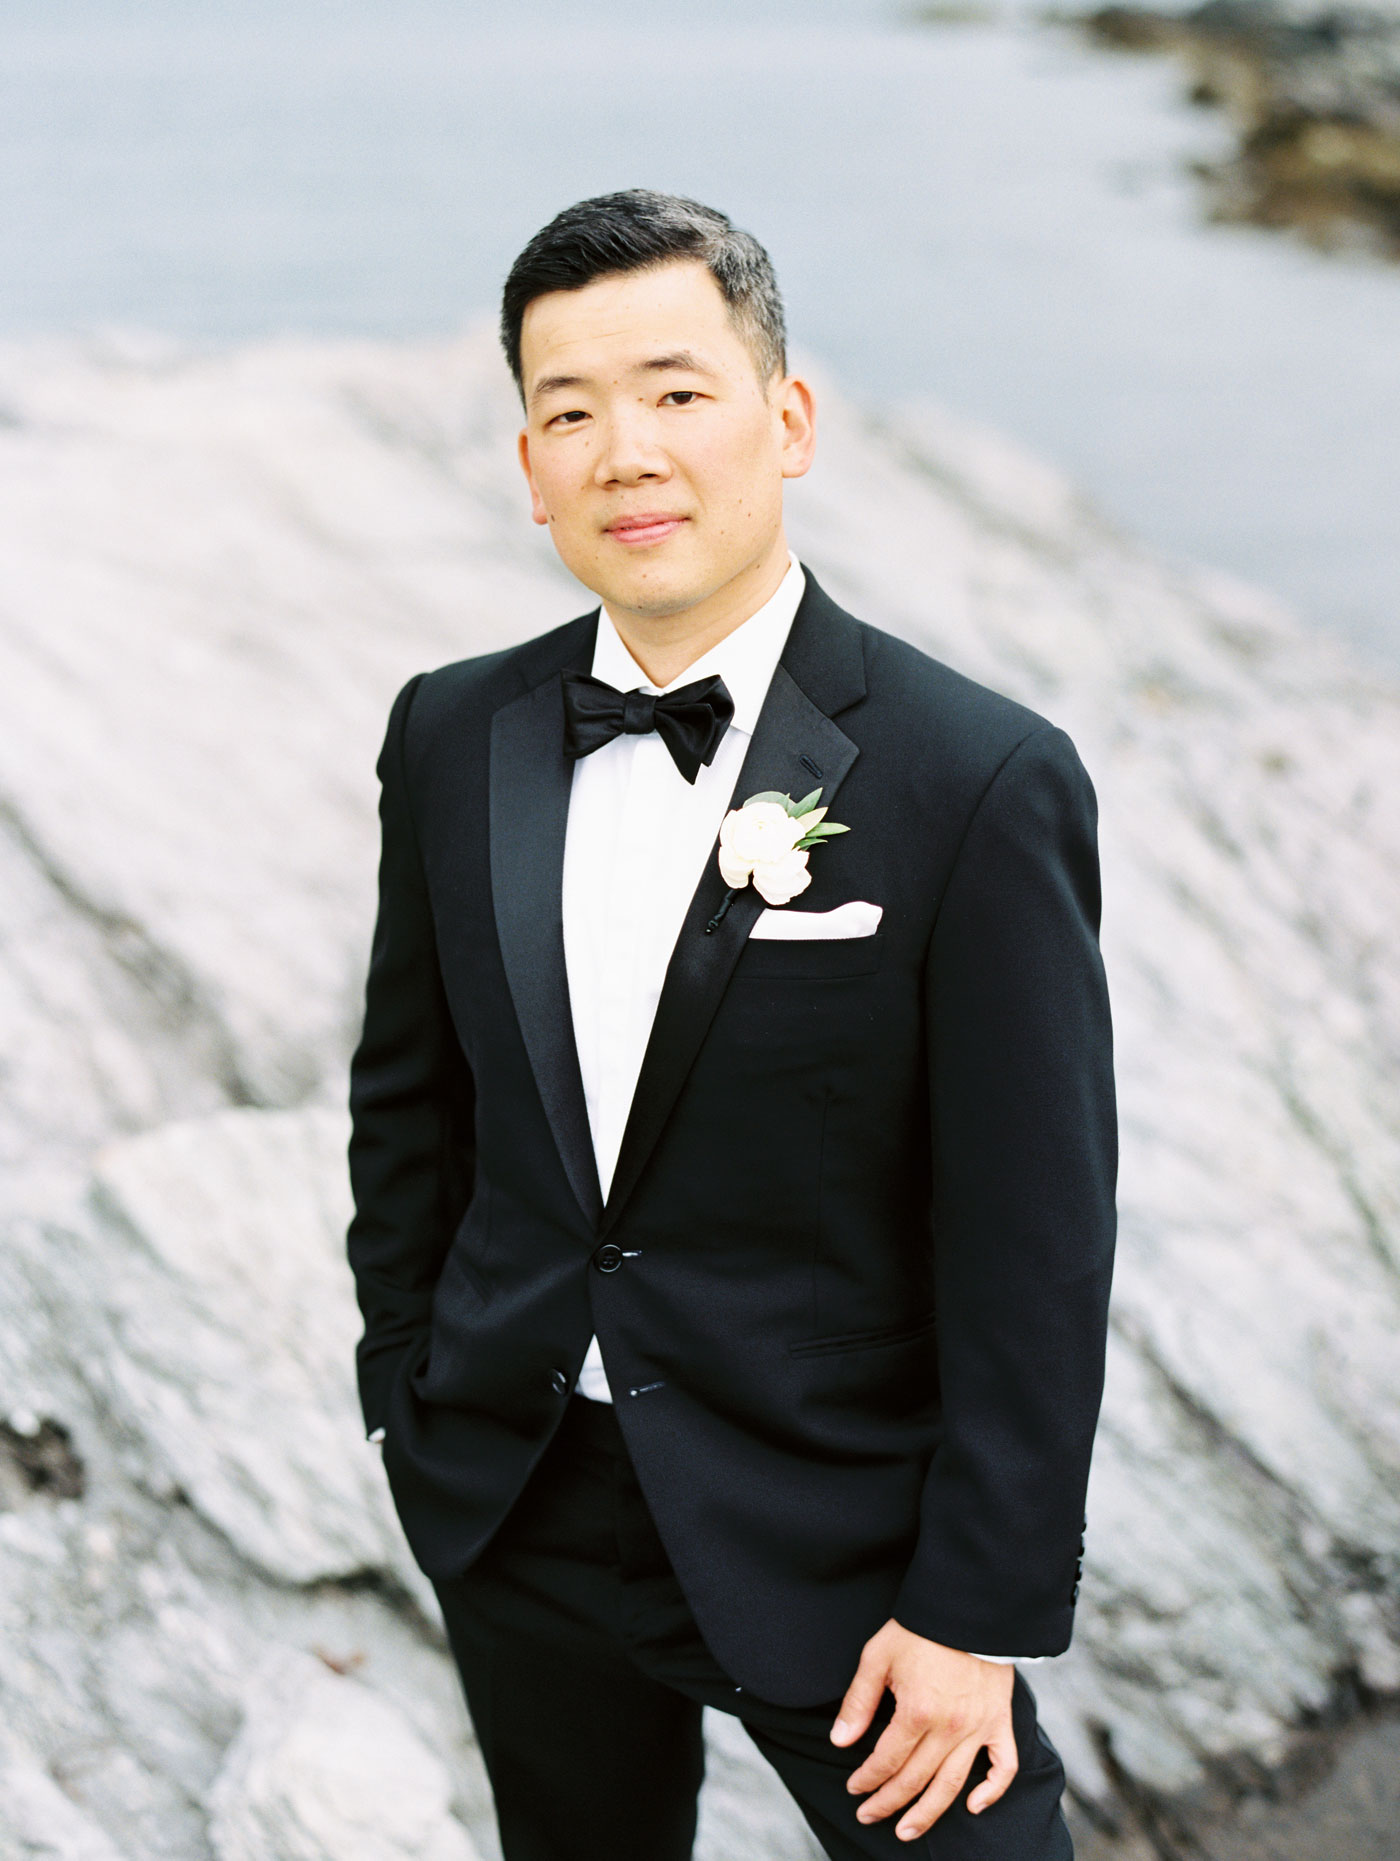 handsome groom at castle hill inn